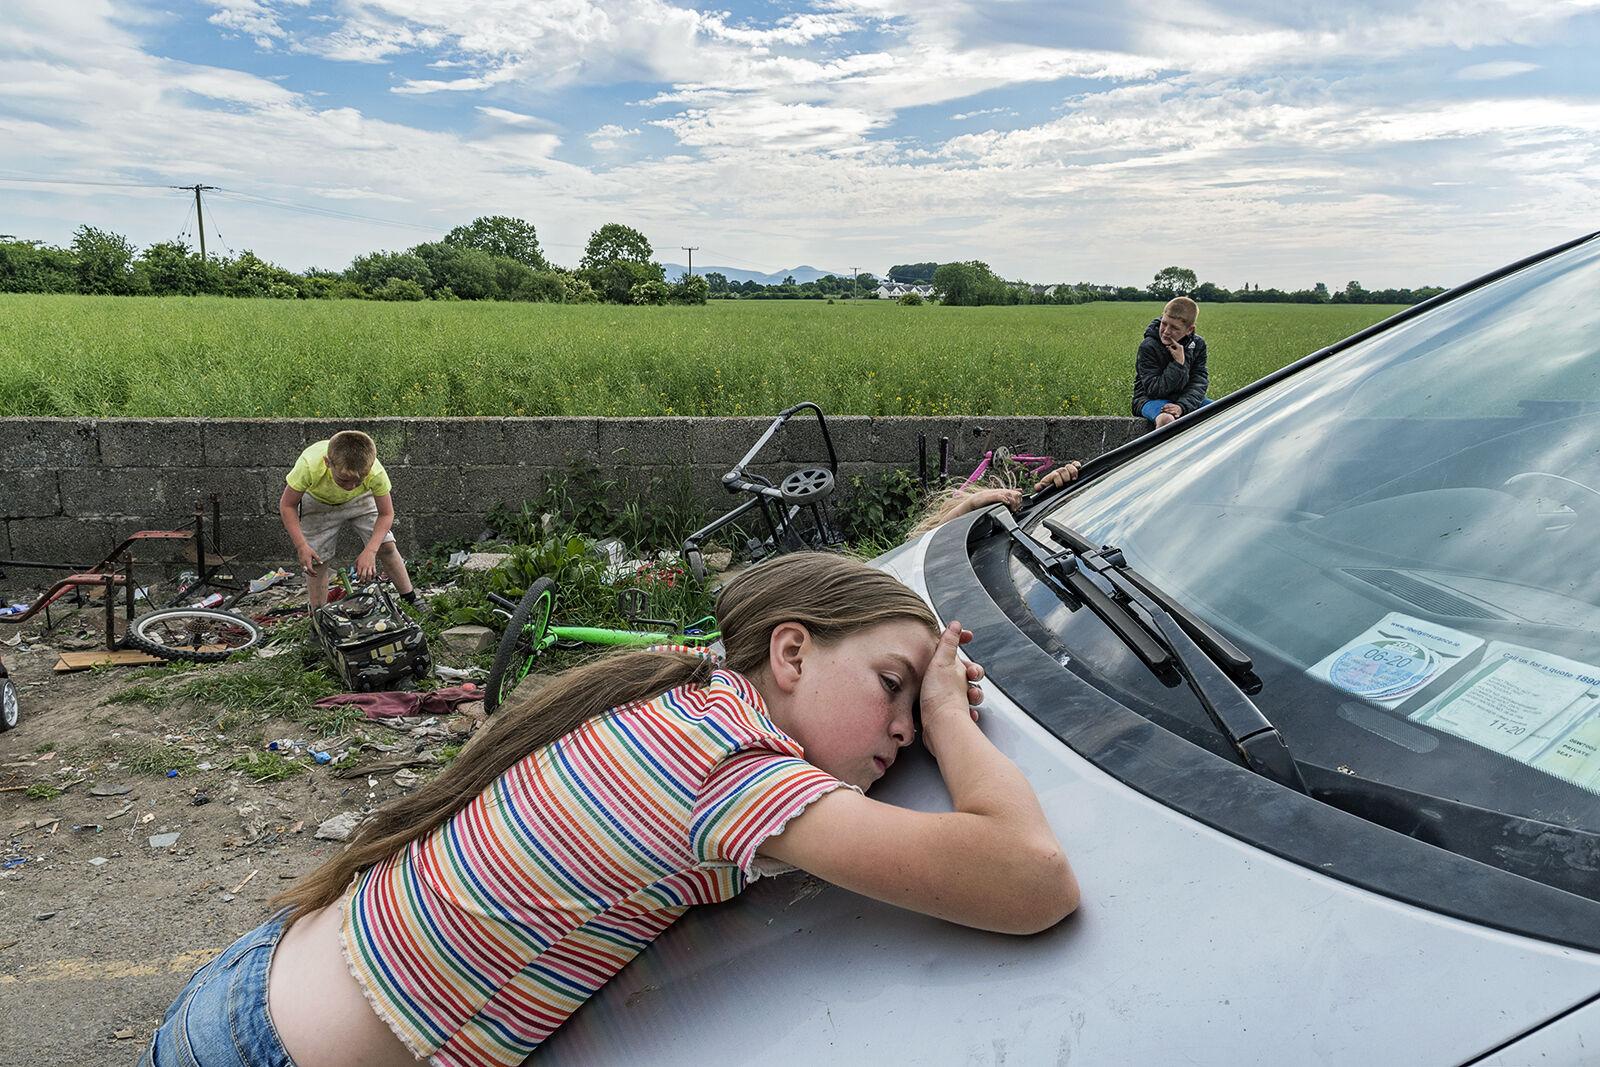 Mary on Car, Tipperary, Ireland 2020